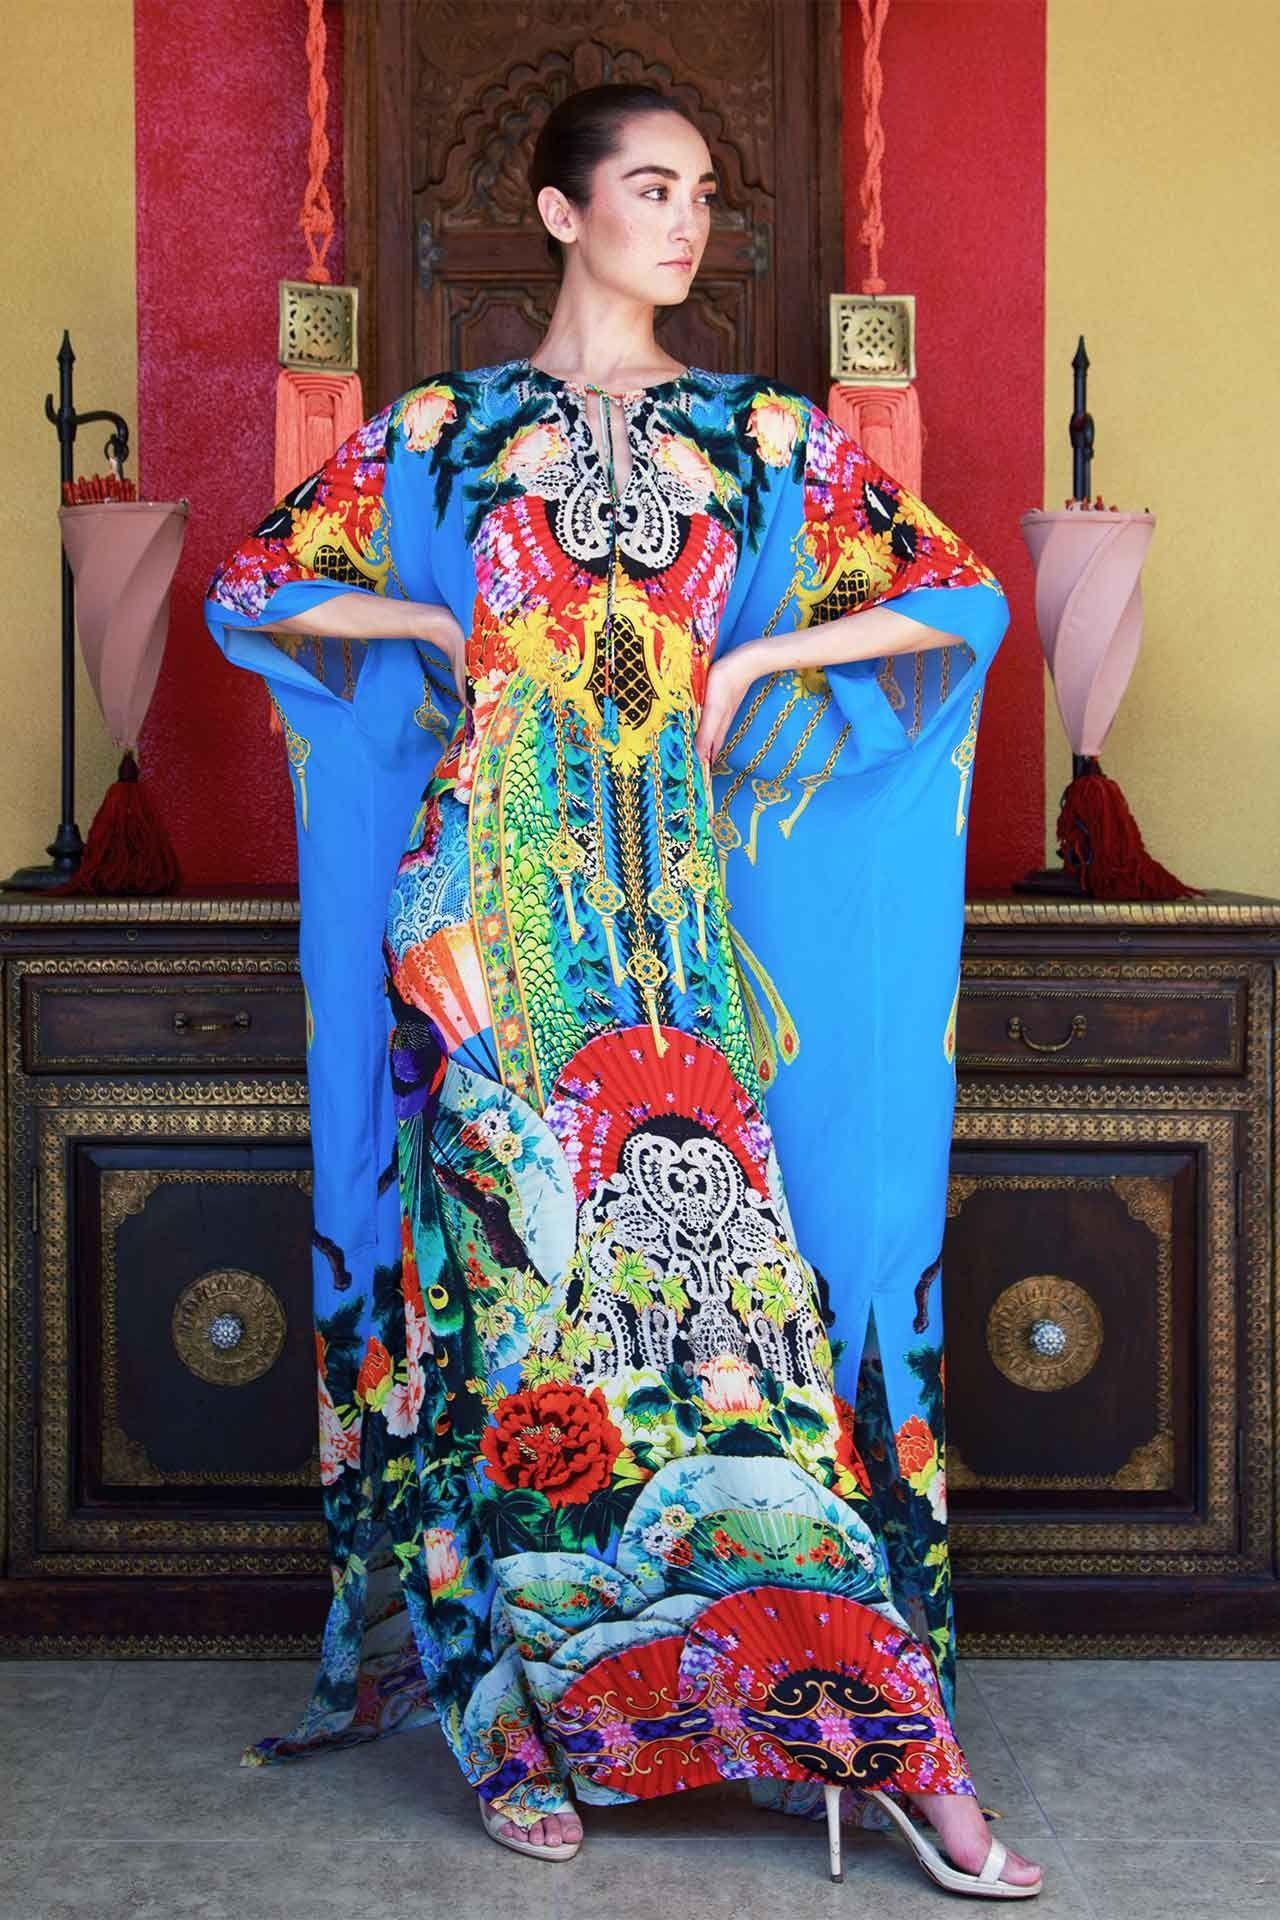 2dca7b36d7 Blue Japanese Print Kaftan Dress - Designer Women's Clothing - Shahida  Parides®